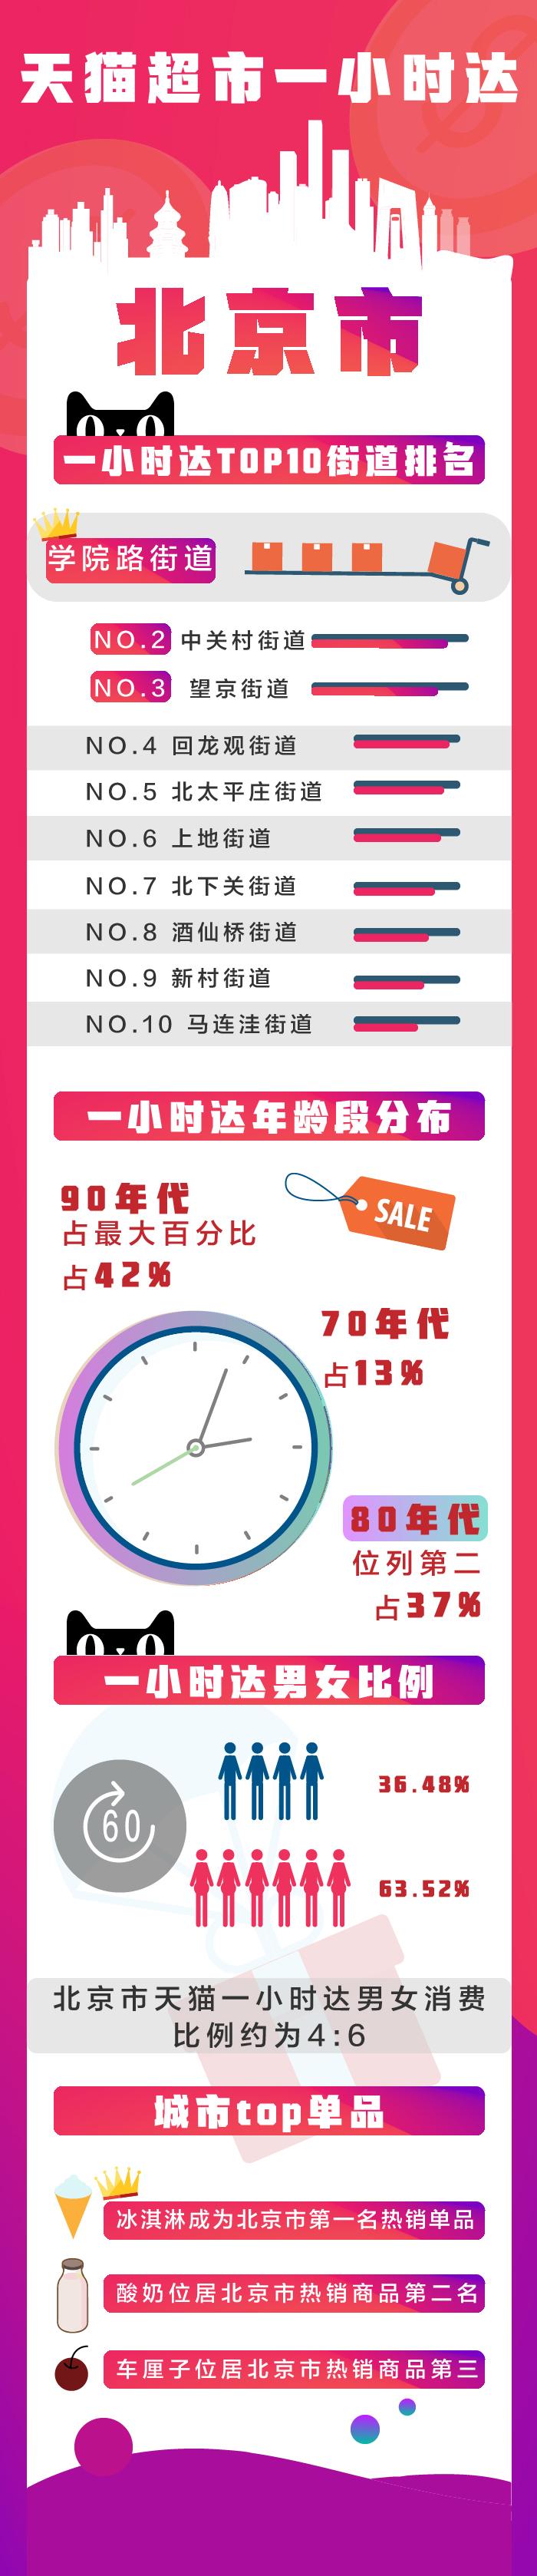 一小时达TOP10街道排名(北京)